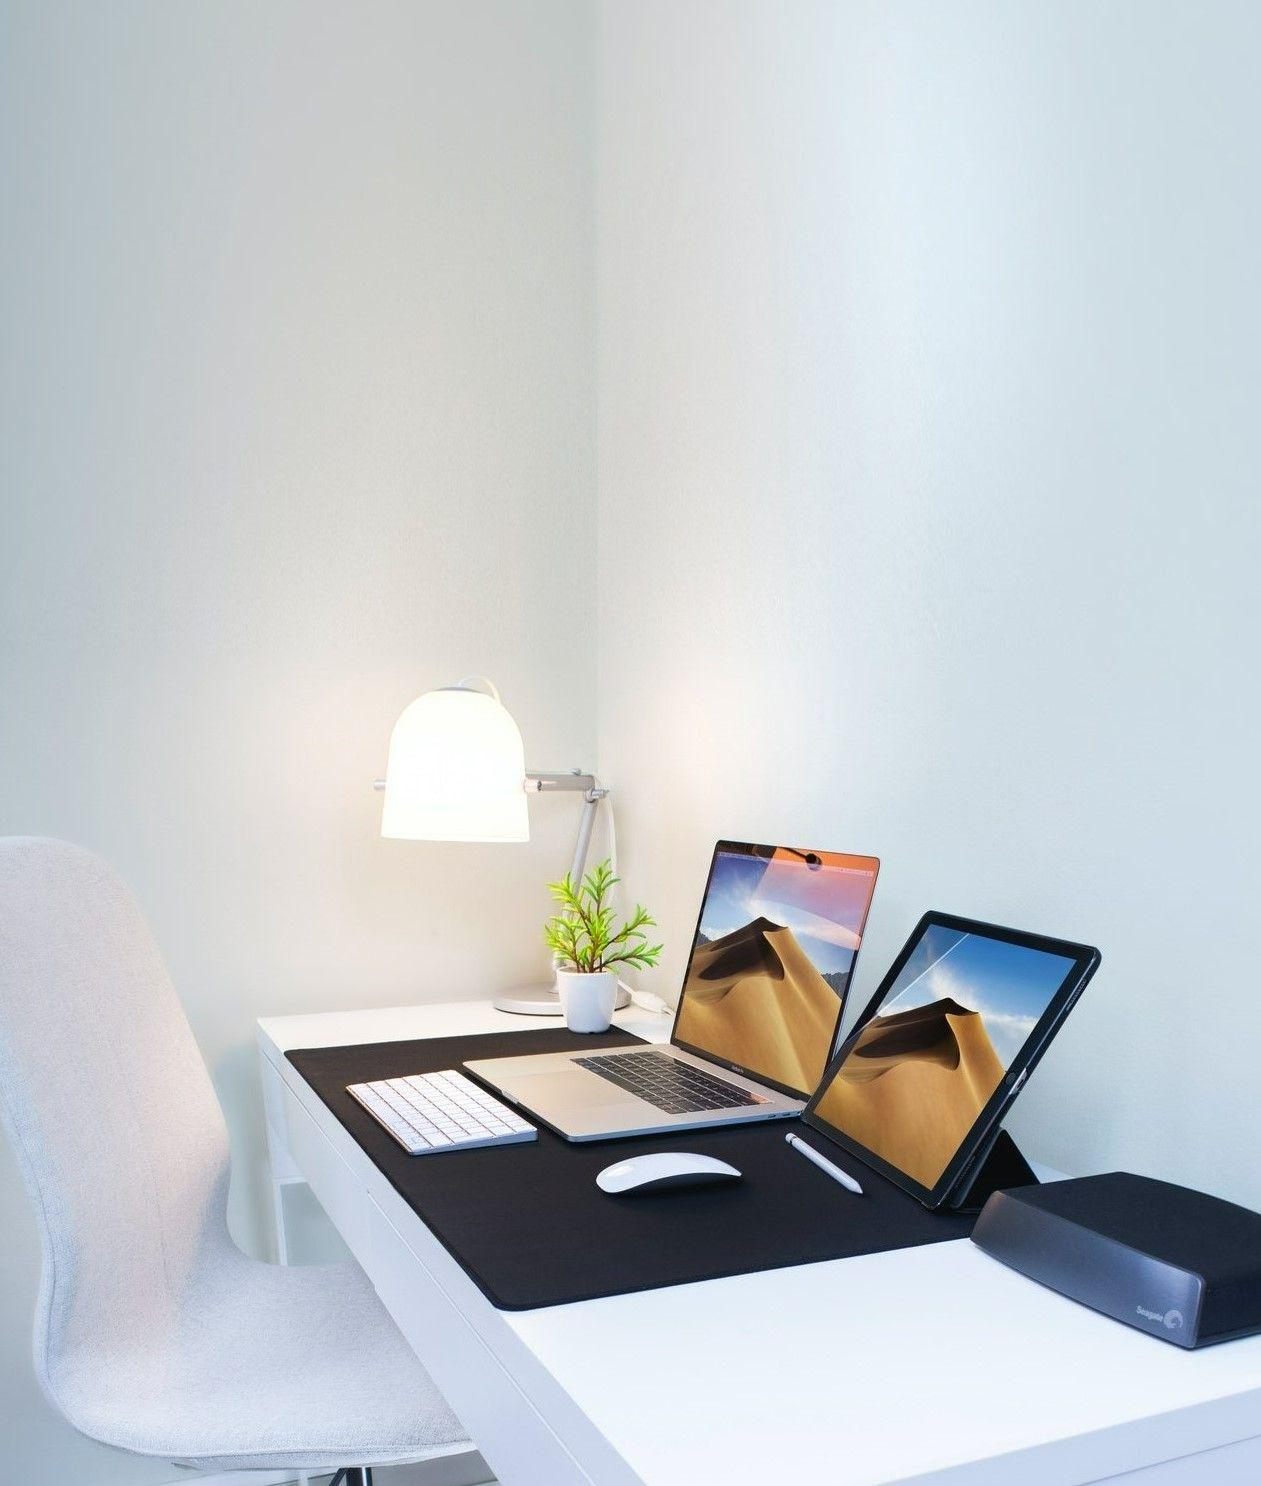 На картинке офис со столом на котором лежат два ноутбука